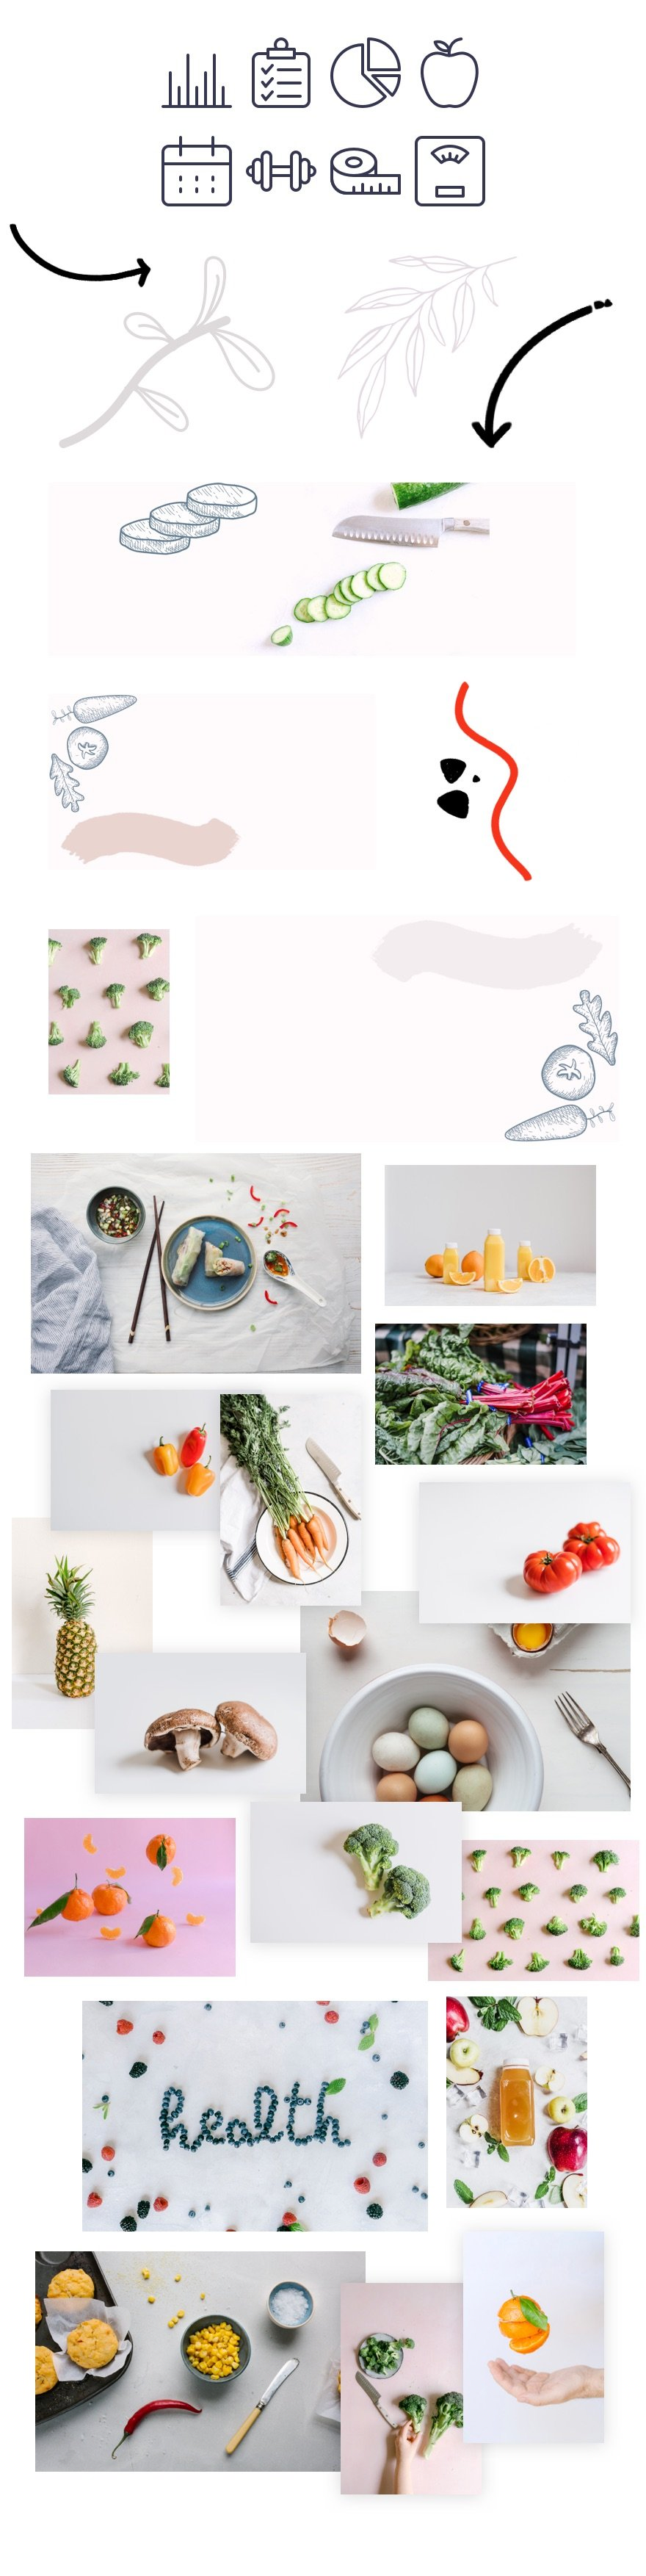 divi dietitian layout pack